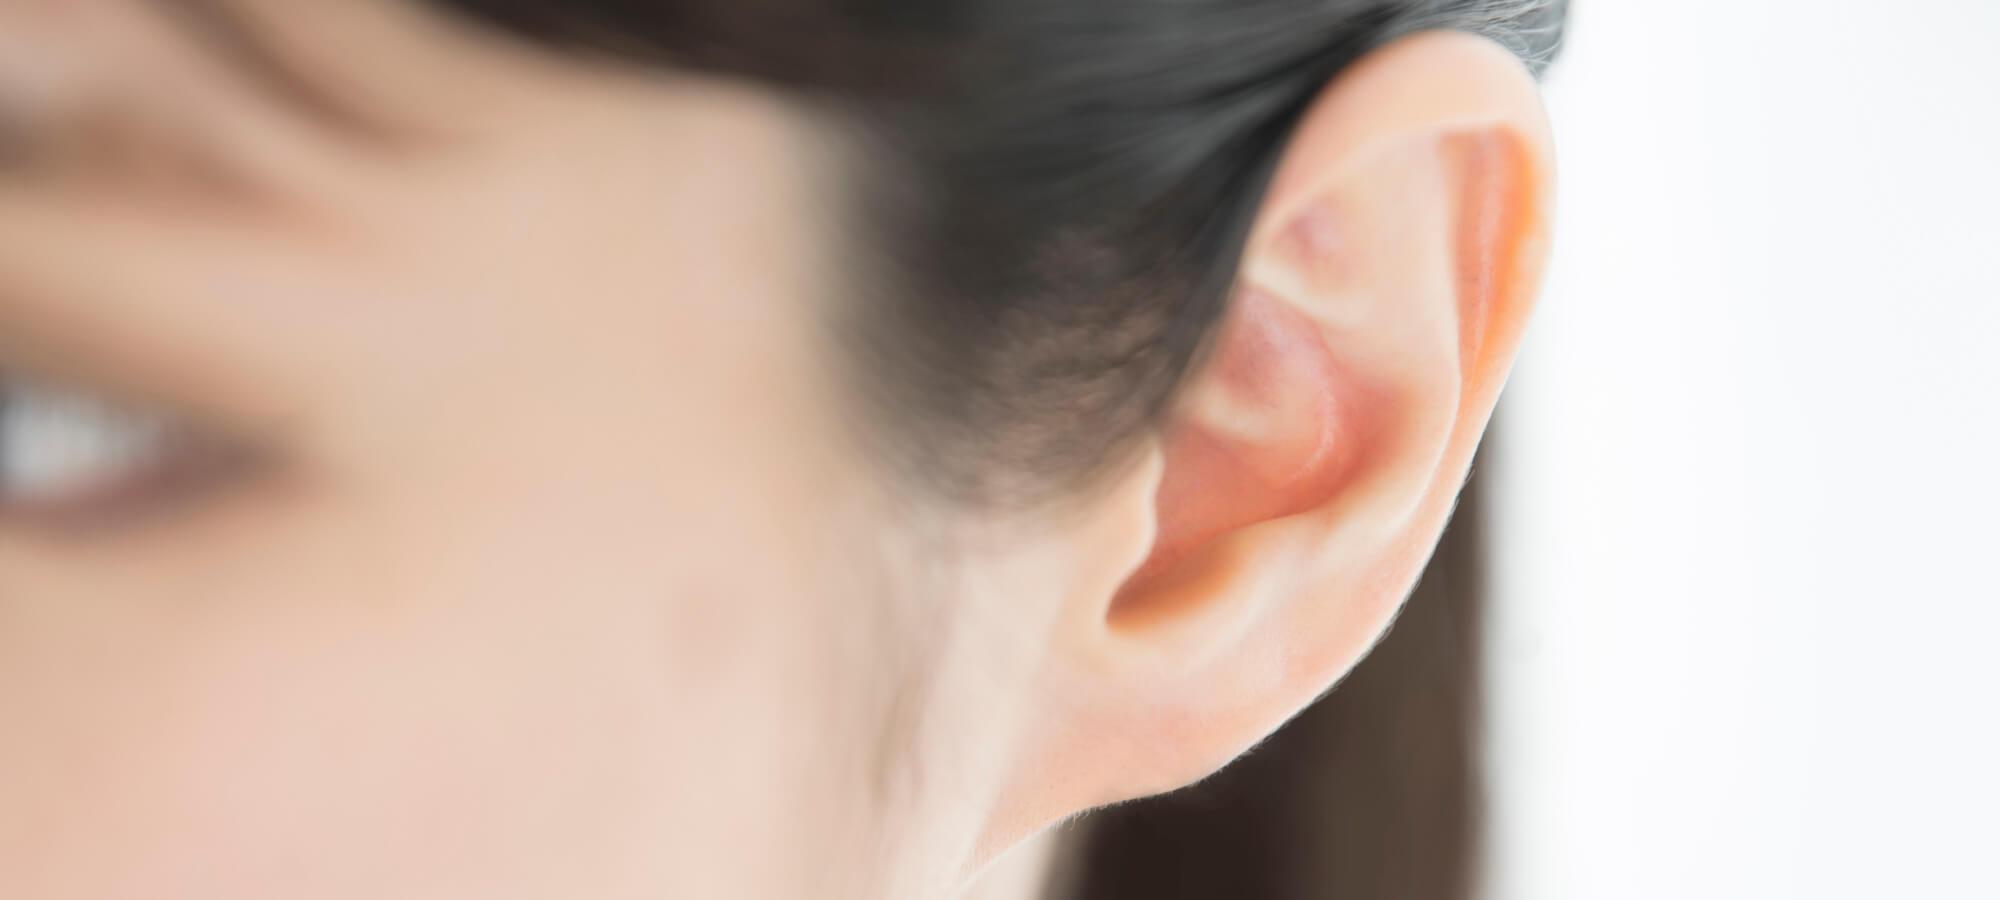 Ohrenkorrektur bei abstehenden Ohren   groisman & laube